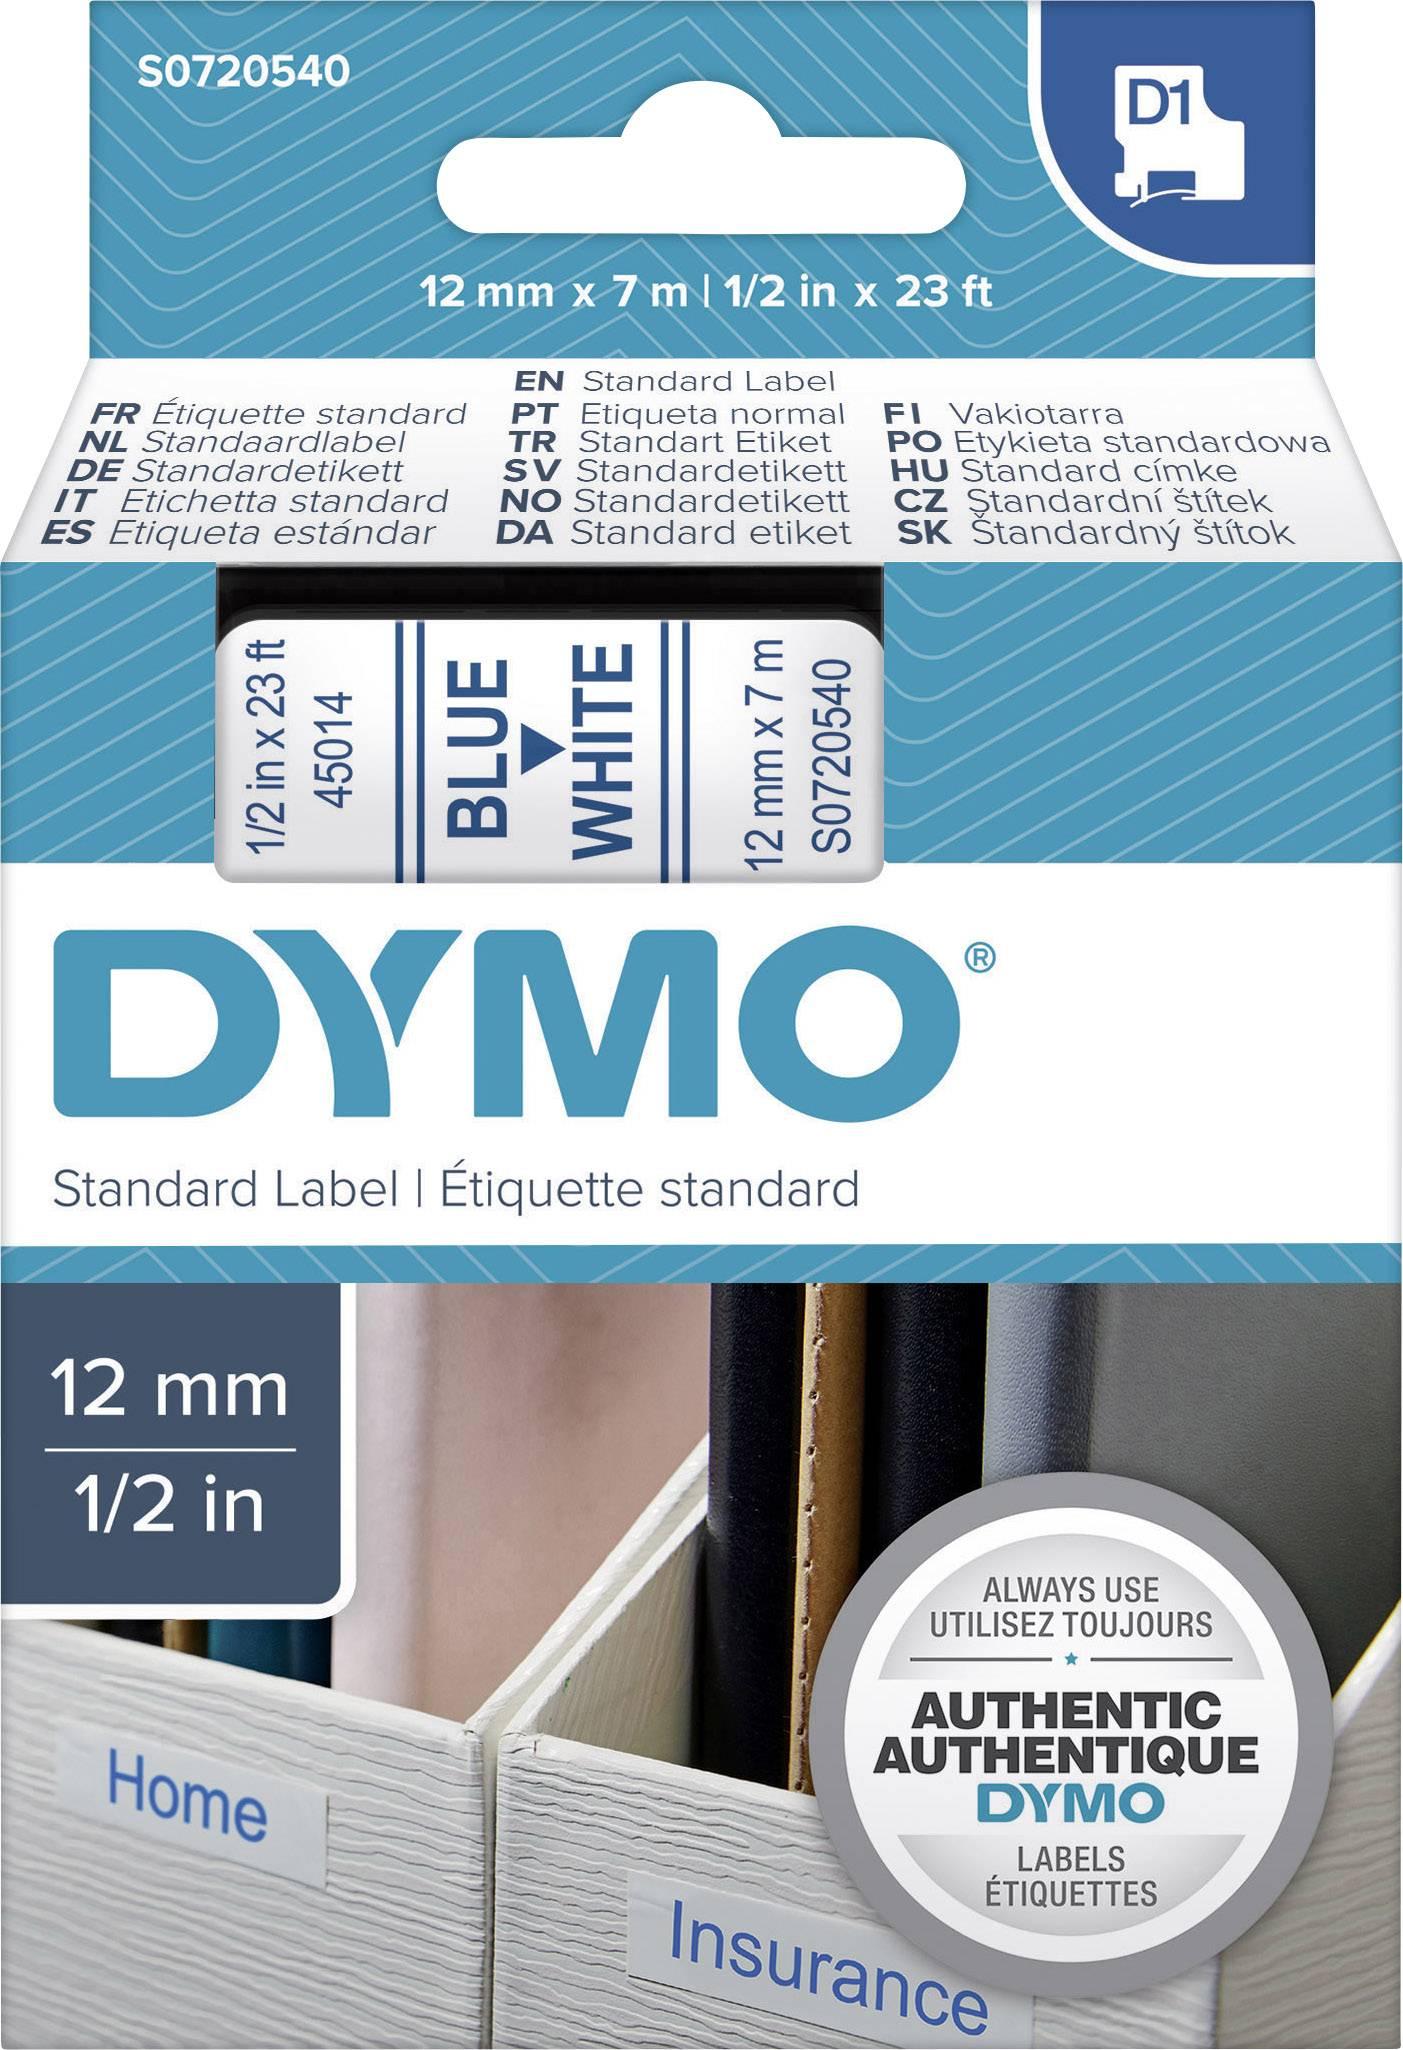 2x Schriftband kompatibel zu Dymo 45013 D1 schwarz auf wei/ß 12mm x 7m f/ür Dymo LabelManager LabelPoint LabelWriter 160 280 260P 360D 500TS LabelWriter 450 DUO Beschriftungsger/ät